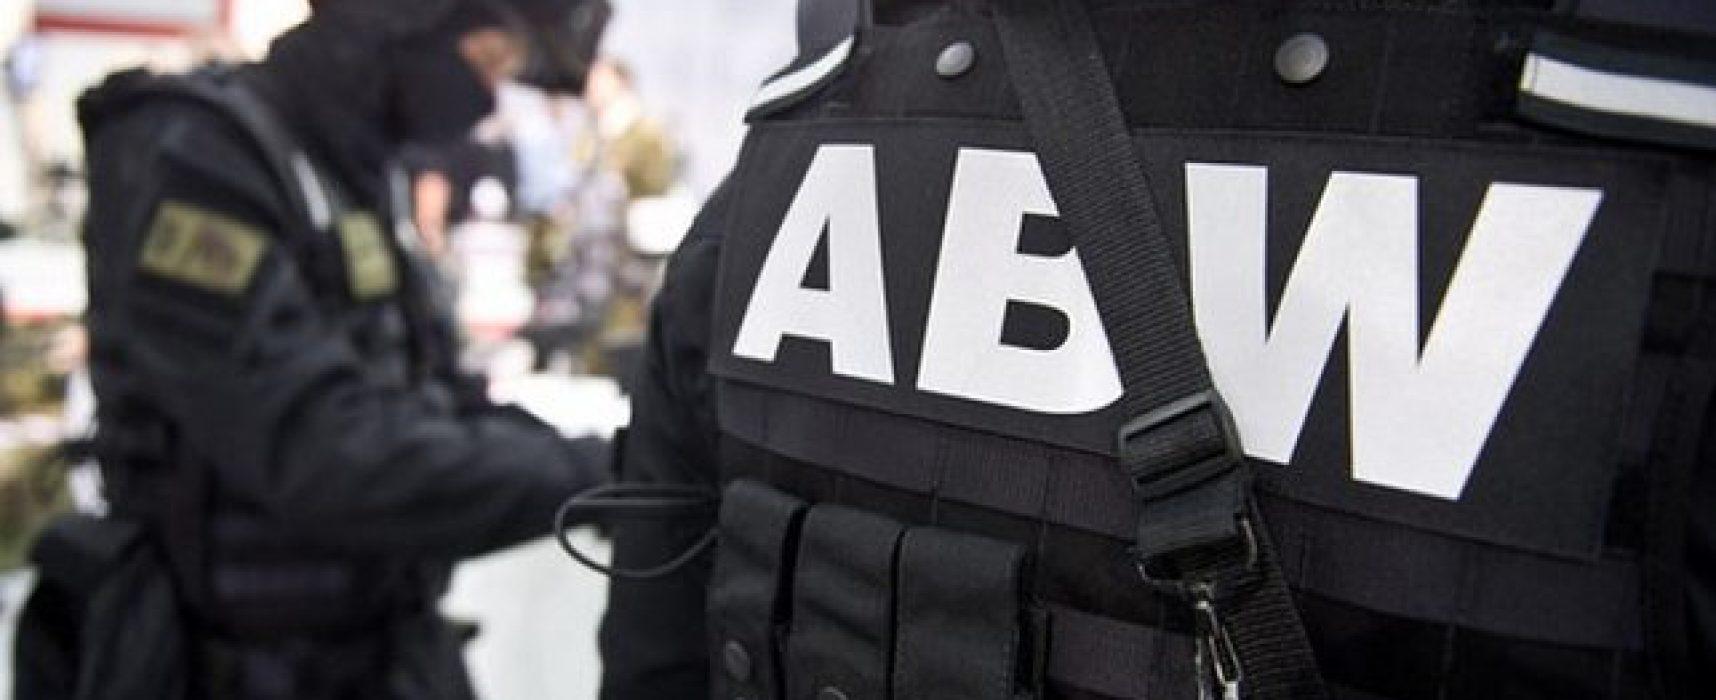 Польские спецслужбы задержали россиянку за гибридную деятельность против Польши